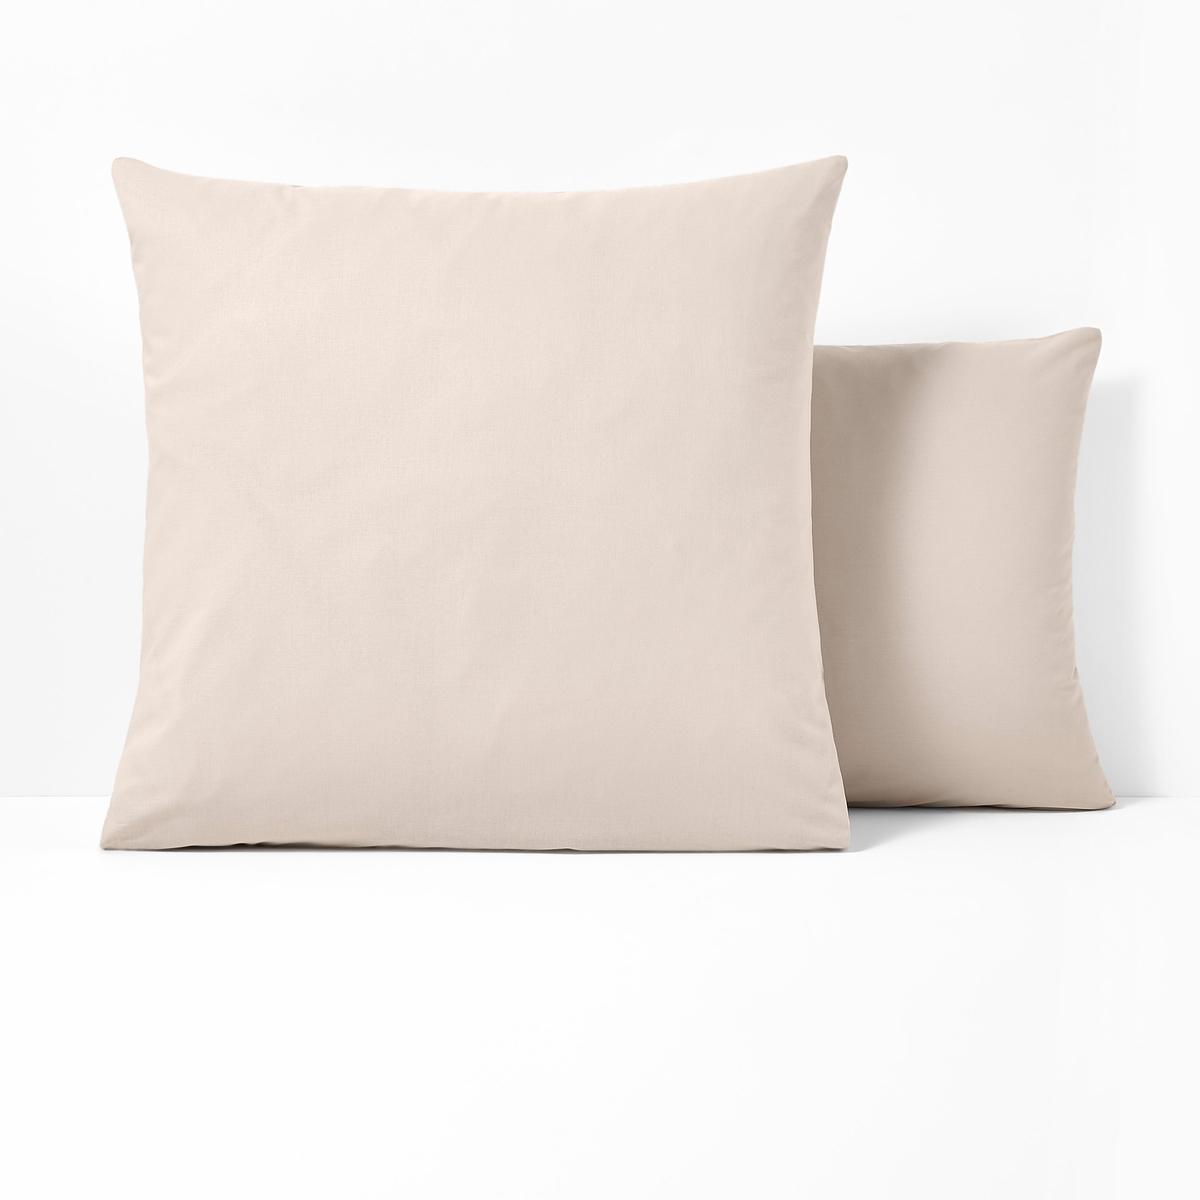 Наволочки из поликотонаКвадратная и прямоугольная наволочки из ткани 50% хлопка, 50% полиэстера плотного переплетения (57 нитей/см?) : длительный комфорт, отличная прочность. Чем больше плотность переплетения нитей/см?, тем качественнее материал.Характеристики наволочек из поликоттона без волана:- Наволочки (квадратная или прямоугольная) имеют широкий клапан для надёжного удерживания подушки.- В форме чехла, без воланов .- Отличная стойкость цветов к стиркам (60 °C), быстрая сушка, глажка не требуется.                                                                                                                                                                       Преимущества   : великолепная гамма очень современных оттенков для сочетания по желанию с простынями и пододеяльниками SCENARIO и рисунками коллекции. Знак Oeko-Tex® гарантирует, что товары протестированы и сертифицированы, не содержат вредных веществ, которые могли бы нанести вред здоровью.                                                                                                          Наволочка :50 x 70 см : прямоугольная наволочка63 x 63 см : квадратная наволочка                                                                                                                               Найдите другие предметы постельного белья SC?NARIO на нашем сайте<br><br>Цвет: антрацит,белый,бледный сине-зеленый,вишневый,голубой бирюзовый,зеленый,нежно-розовый,розовое дерево,светло-бежевый,серо-коричневый каштан,Серо-синий,серый жемчужный,смородиновый,фиолетовый,черный<br>Размер: 63 x 63  см.63 x 63  см.63 x 63  см.63 x 63  см.50 x 70  см.63 x 63  см